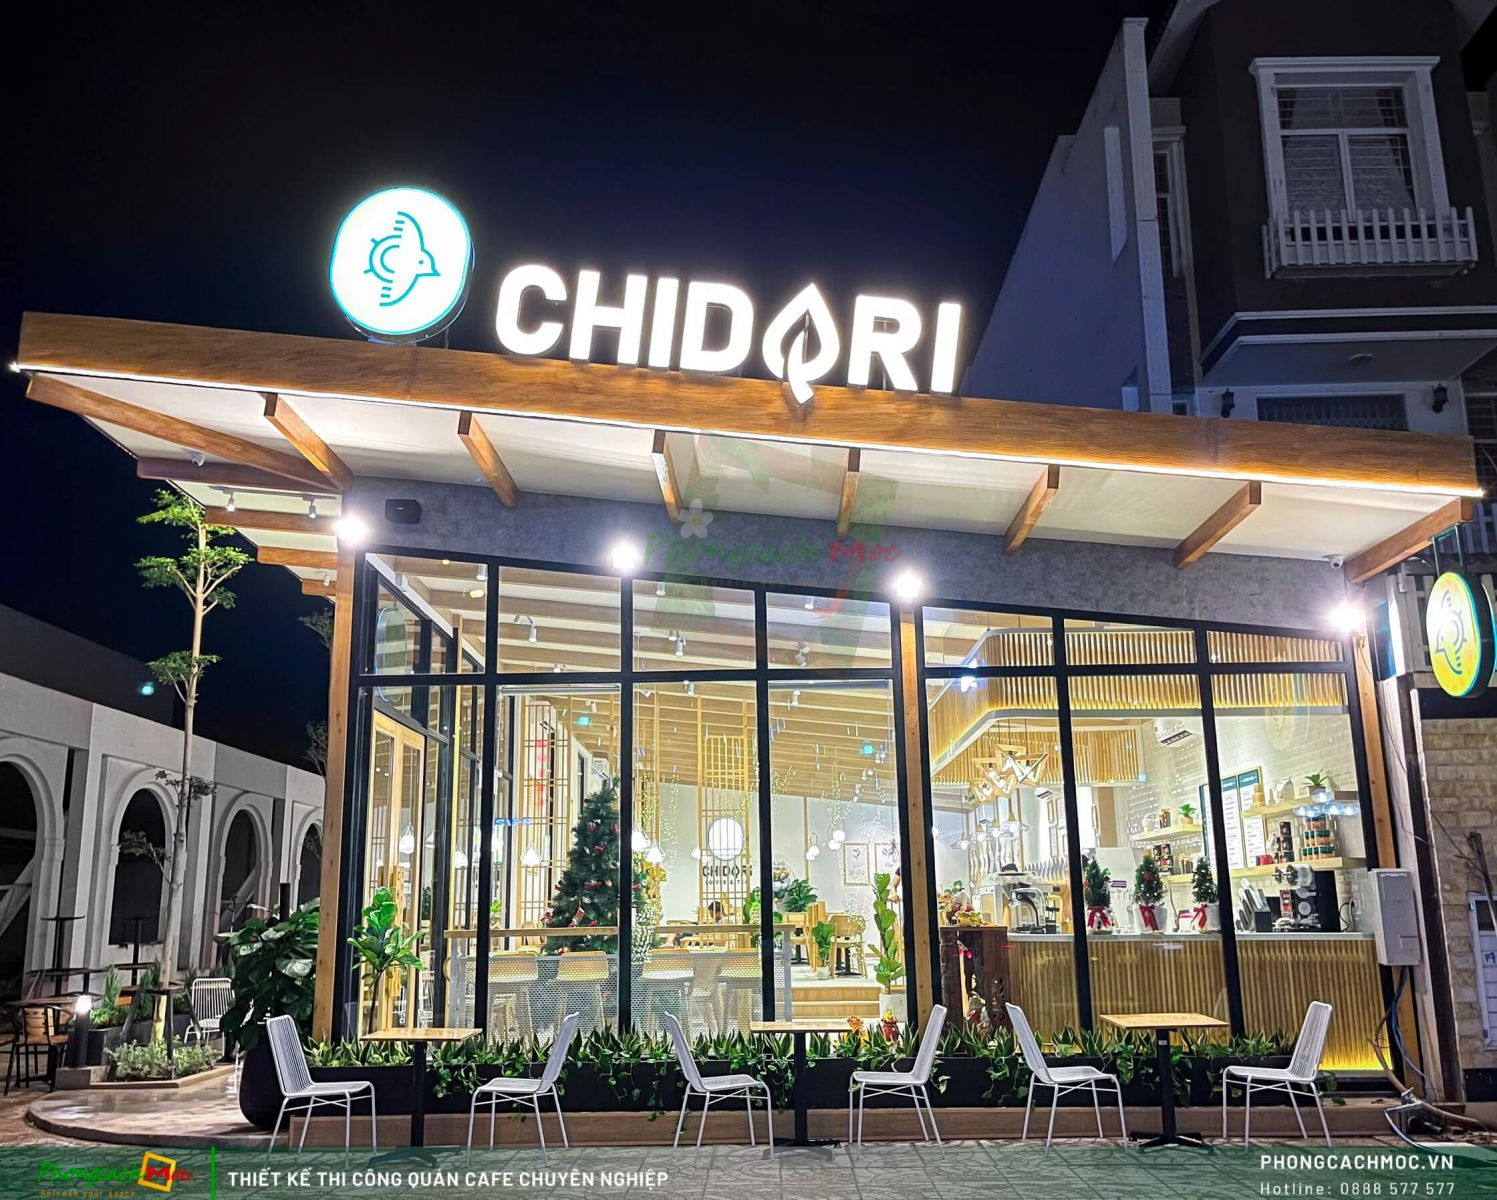 Thiết kế mặt tiền Chidori Coffee